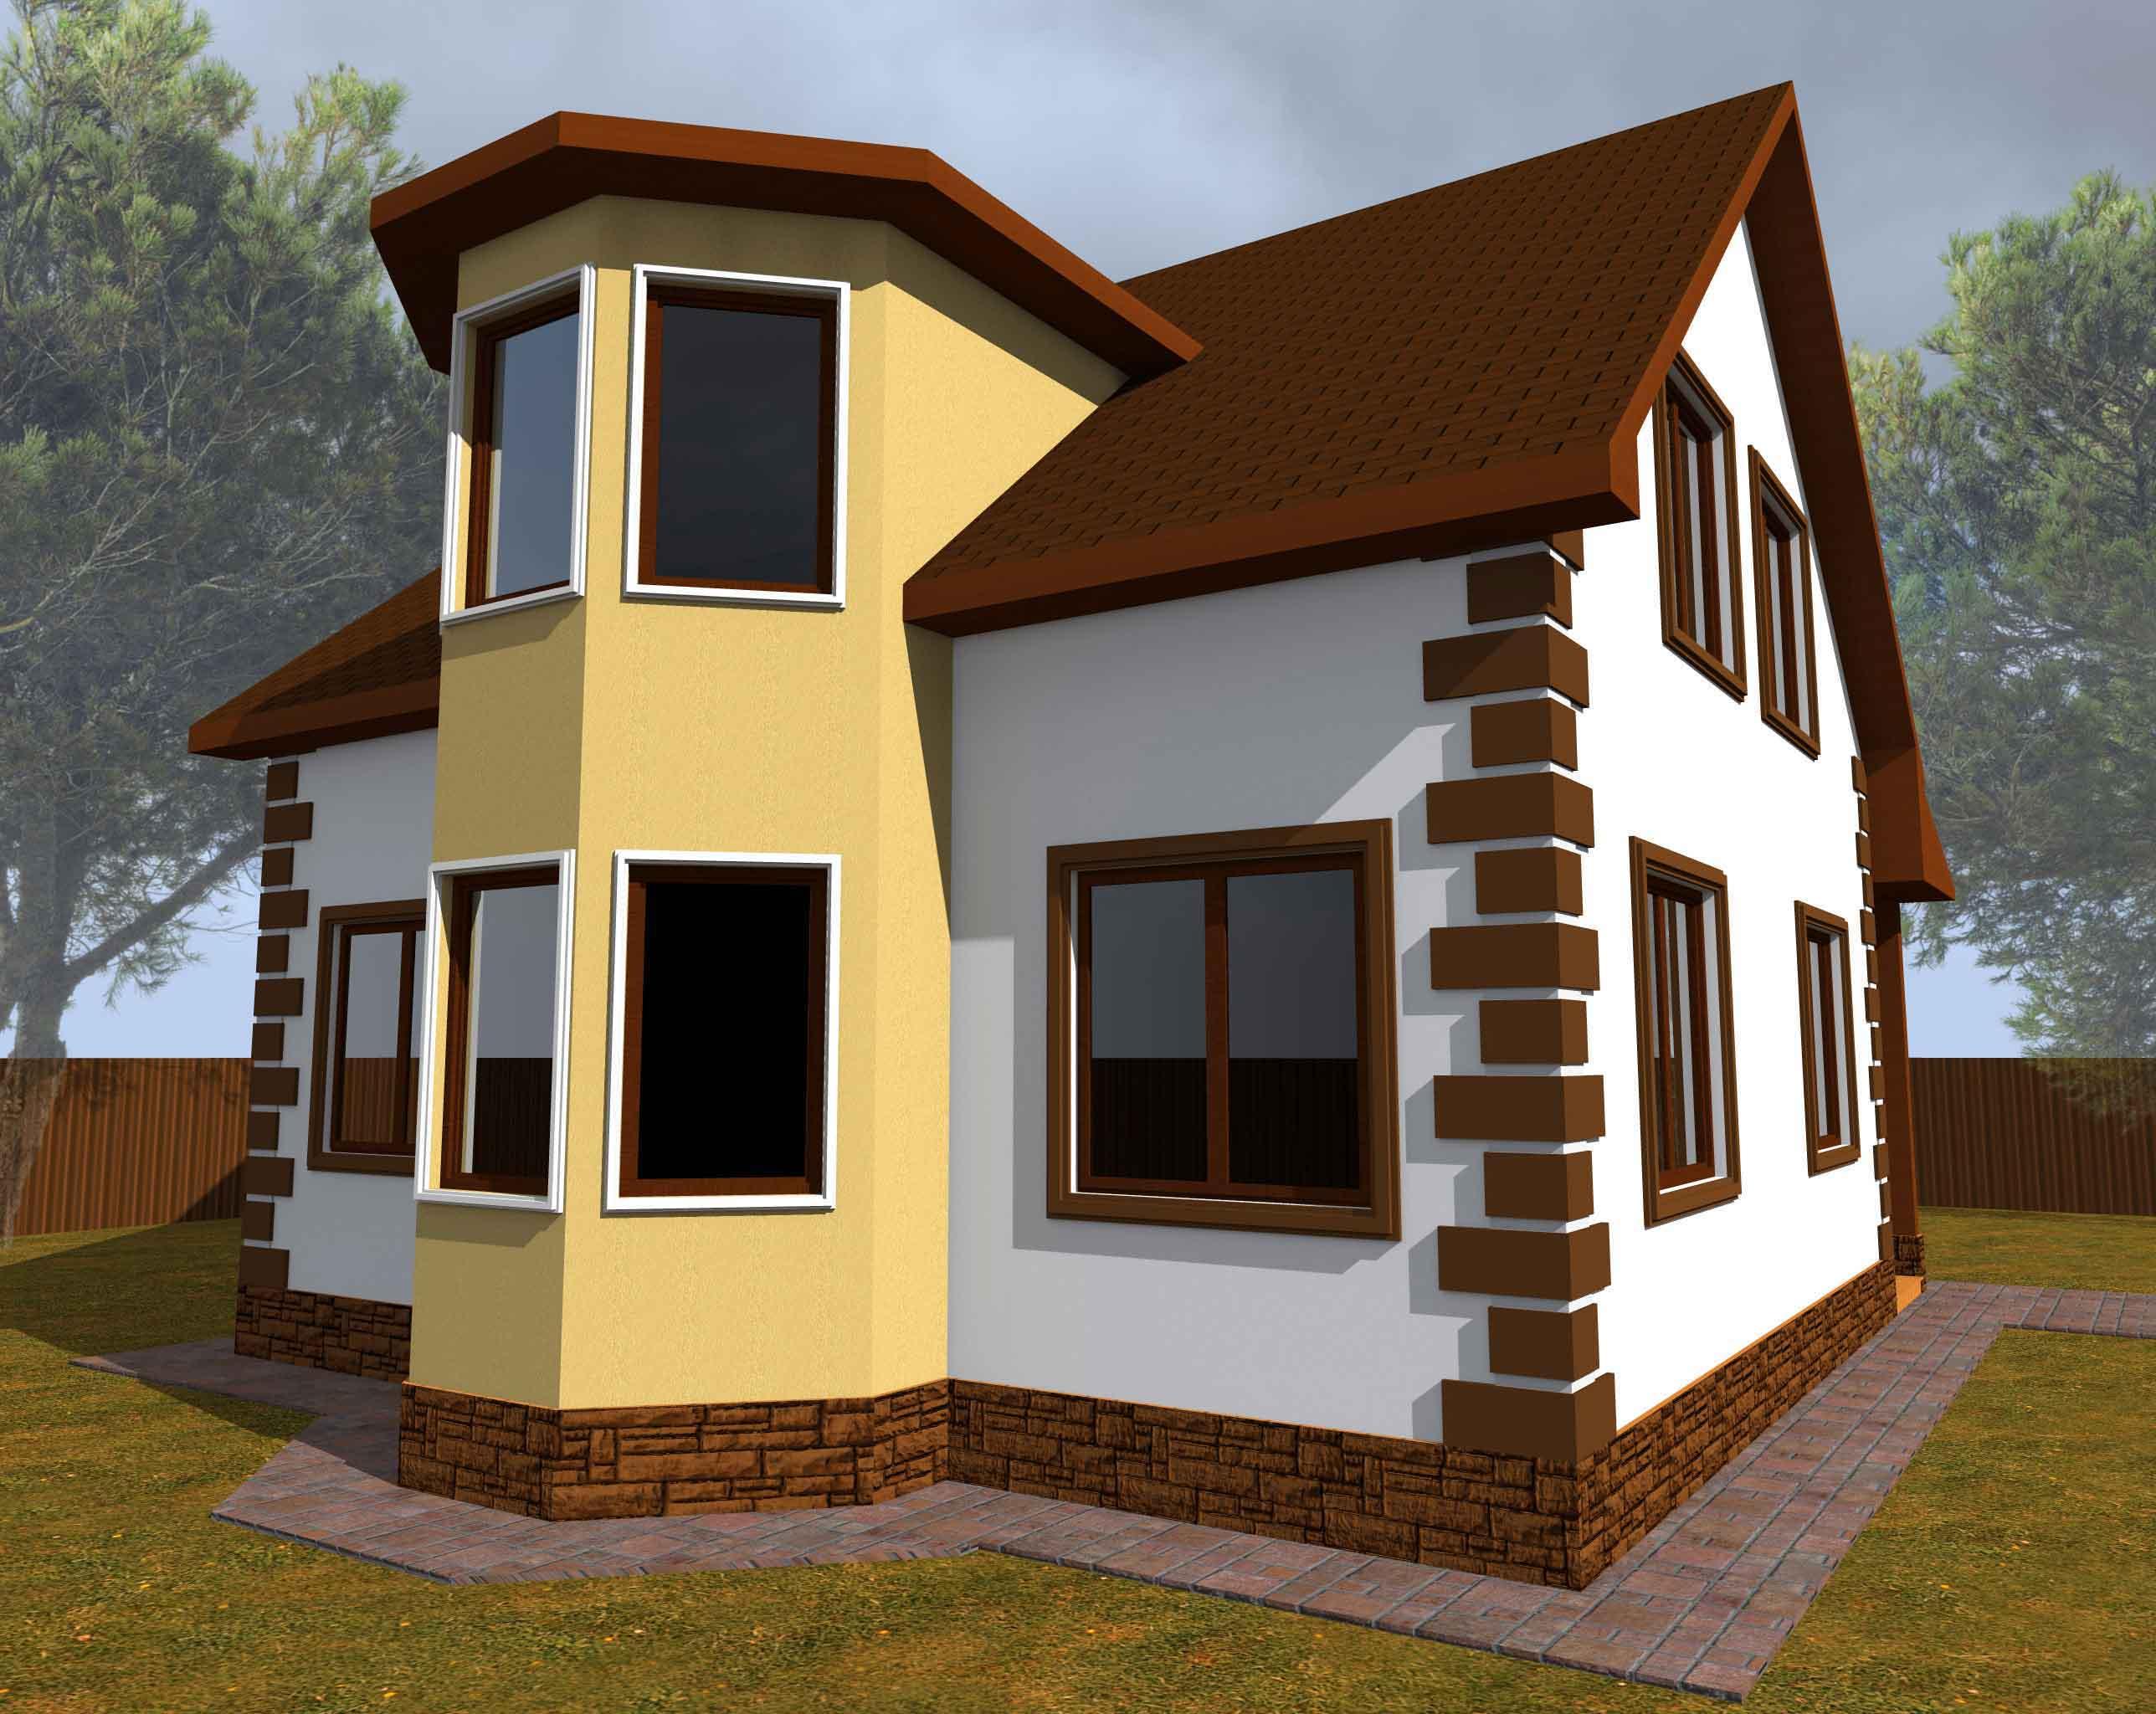 Проект каркасного дома 163 квадратных метра фасад